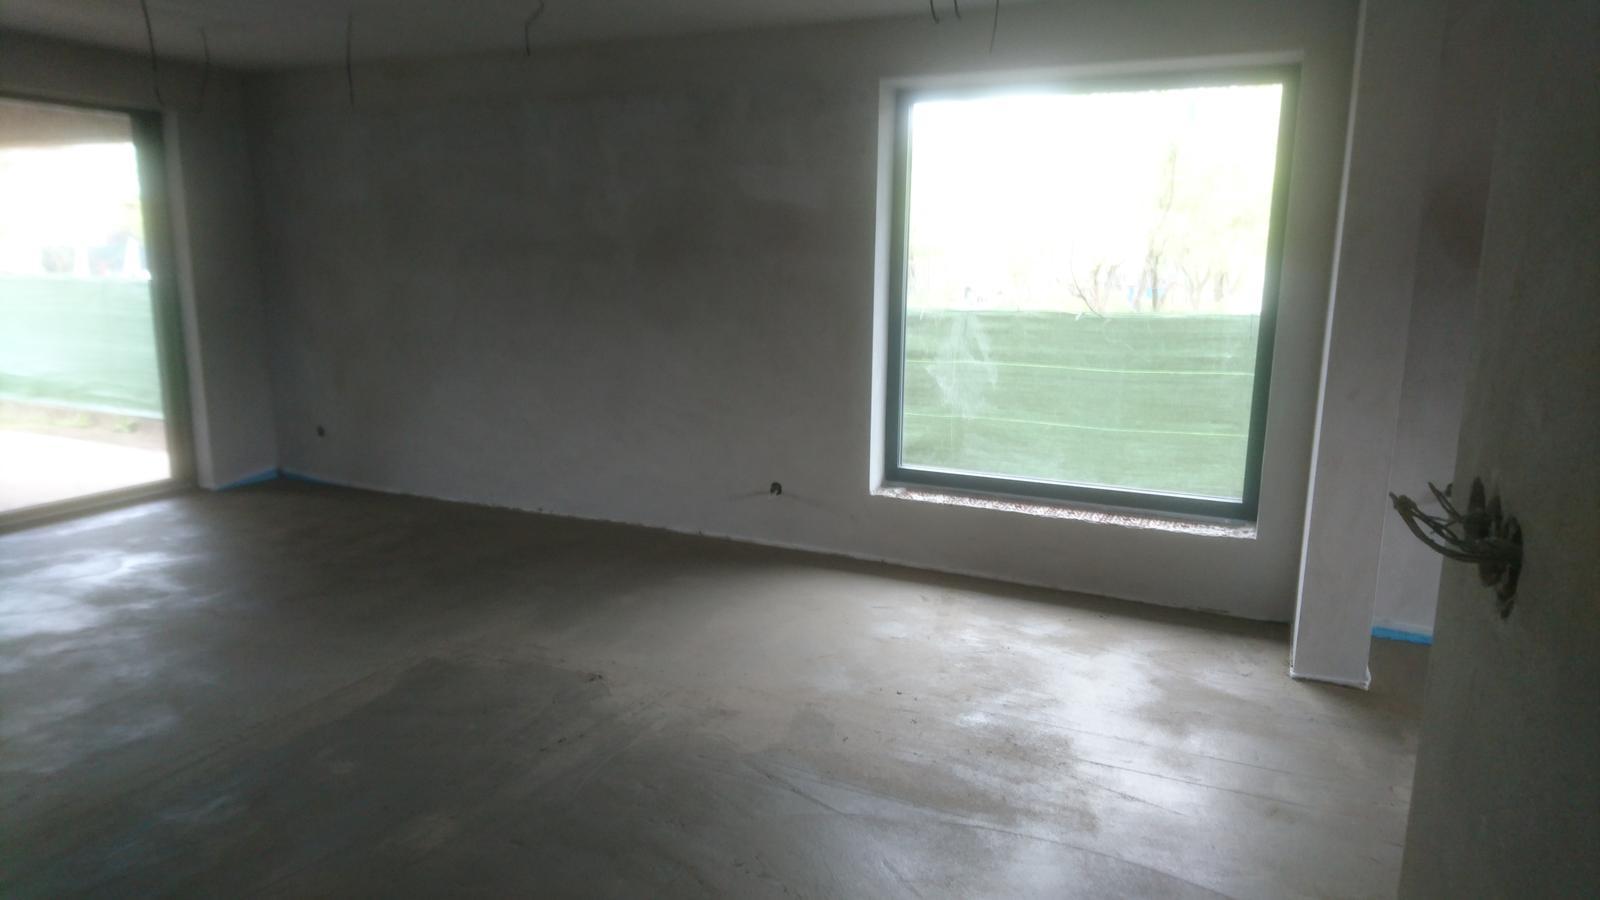 Pozemok + projekt + hruba stavba - Obrázok č. 426